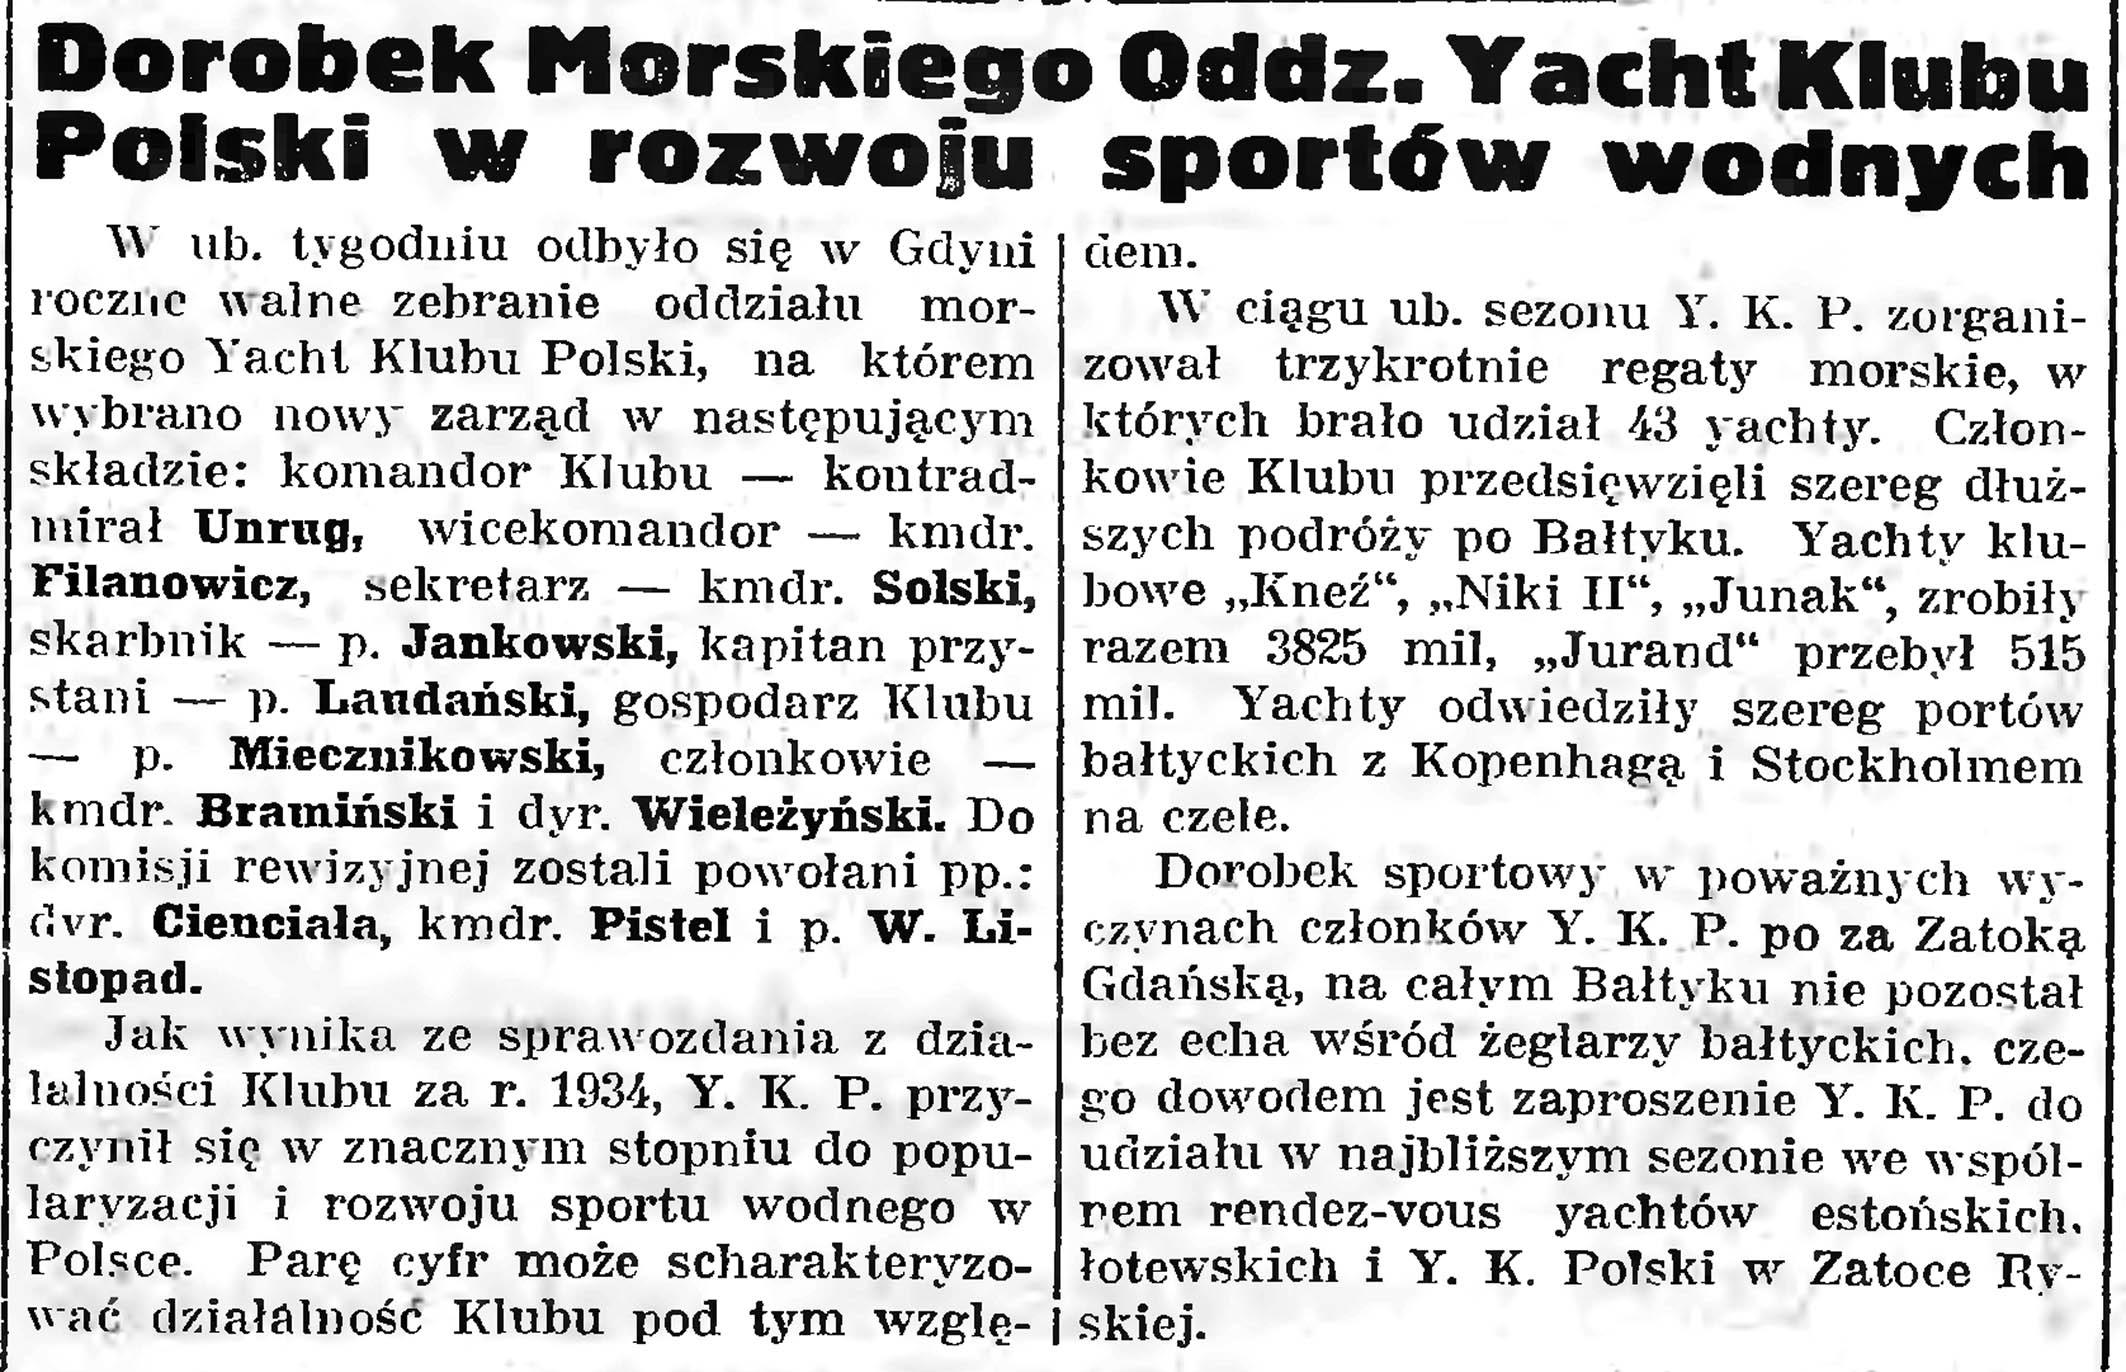 Dorobek Morskiego Oddz. Yacht Klubu Polski w rozwoju sportów wodnych // Gazeta Gdańska. - 1935, nr 47, s. 5